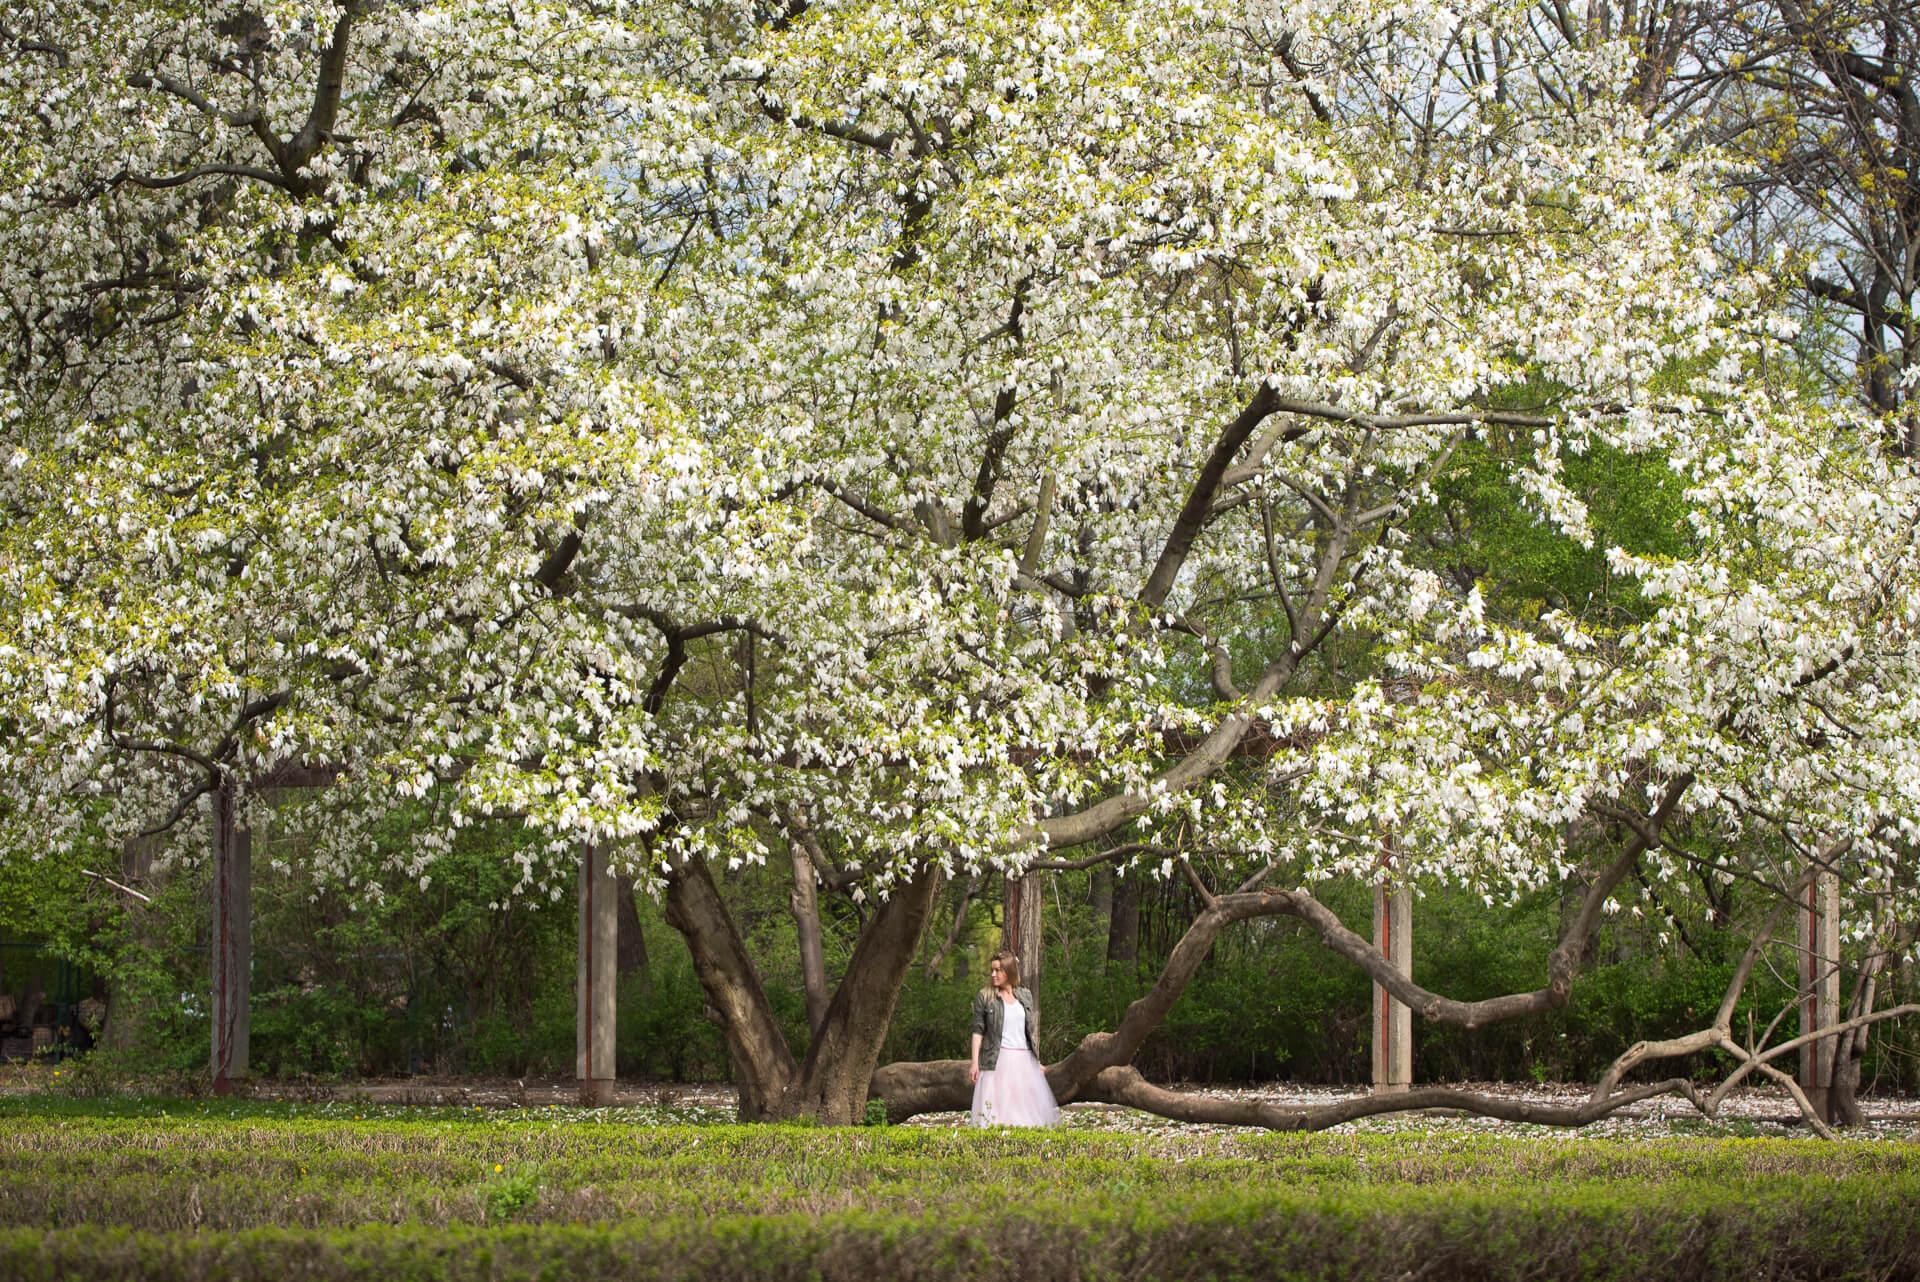 kwitnące drzewo magnolii i kobieta w tiulowej spódnicy